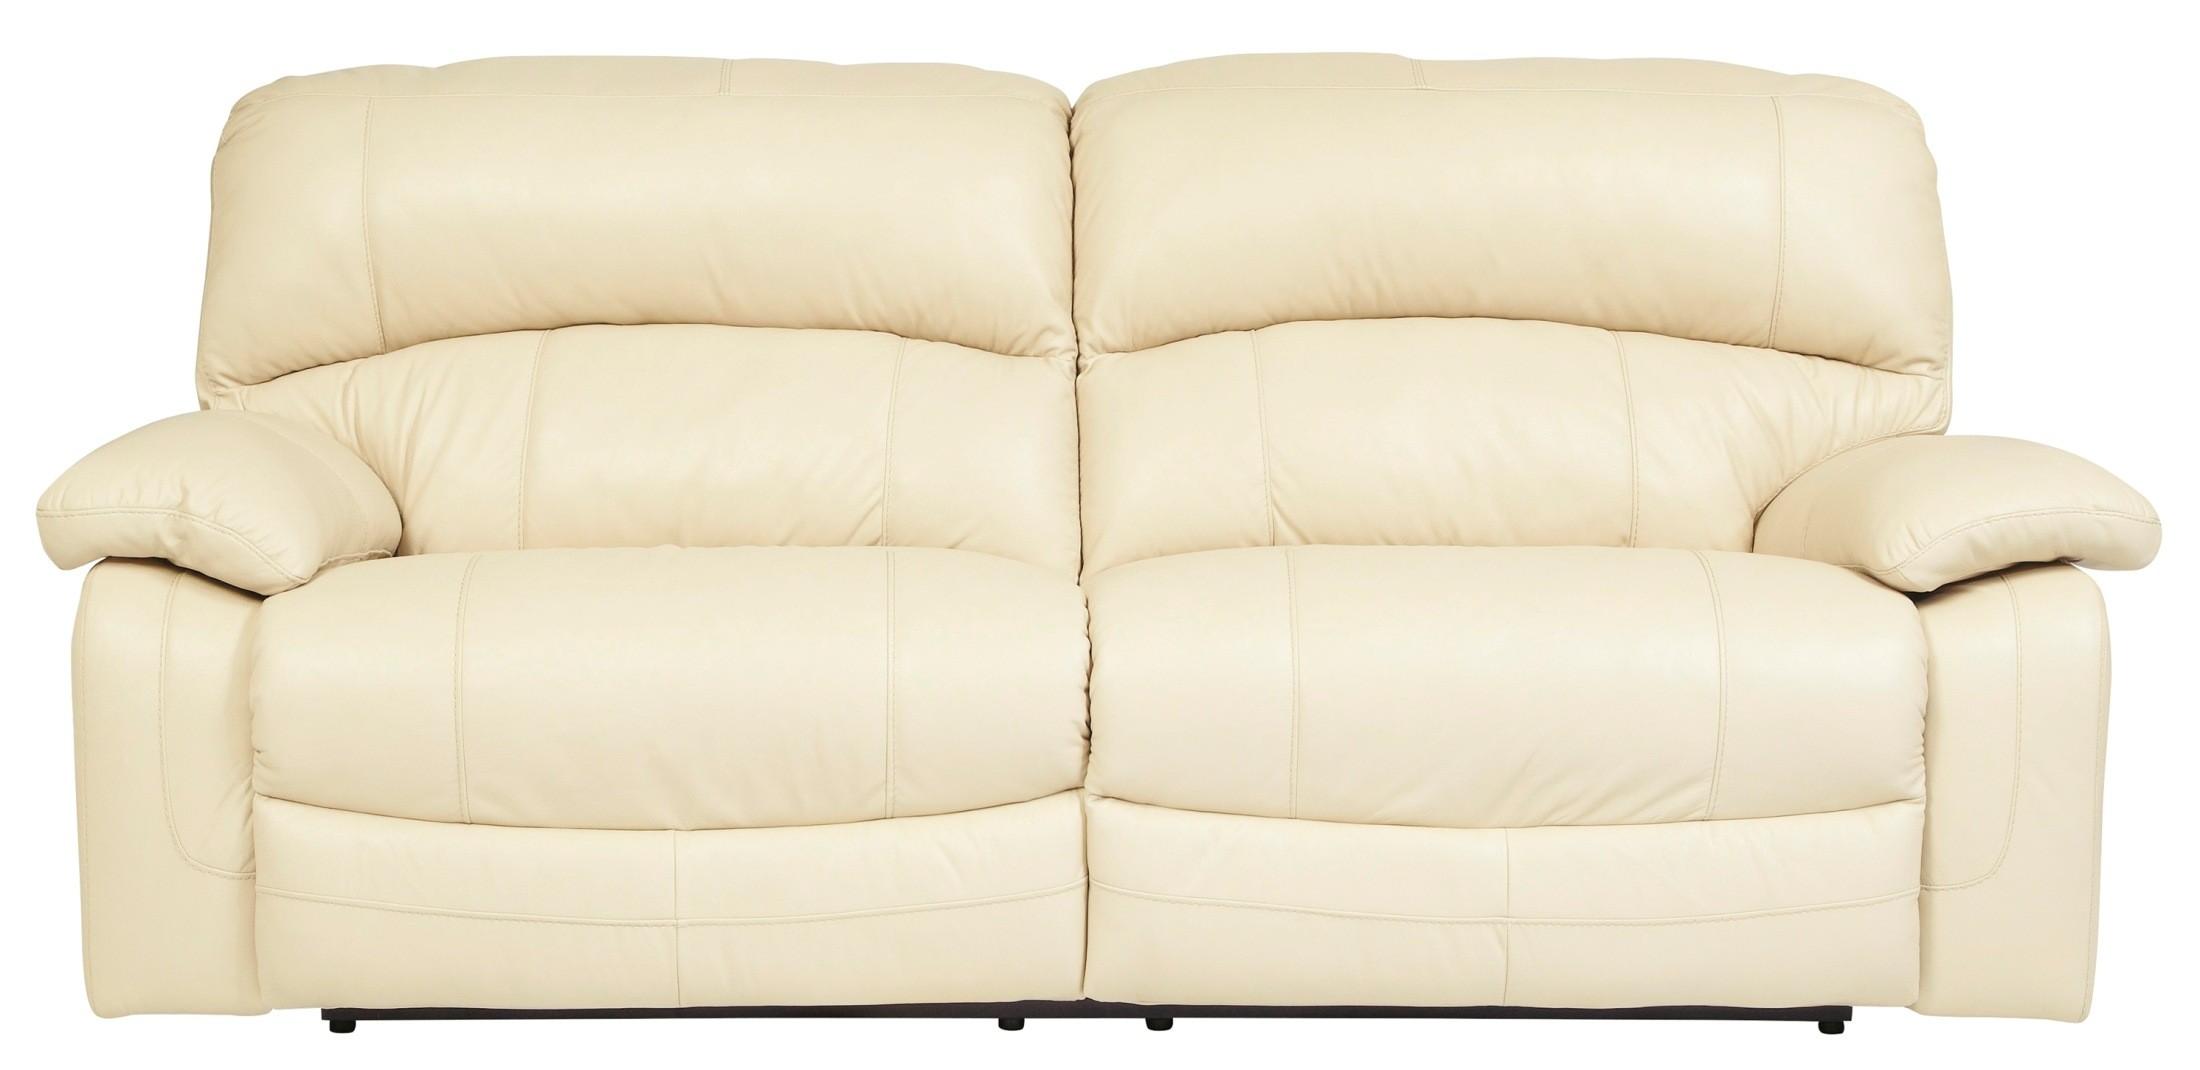 Damacio Cream 2 Seat Reclining Sofa From Ashley U9820181